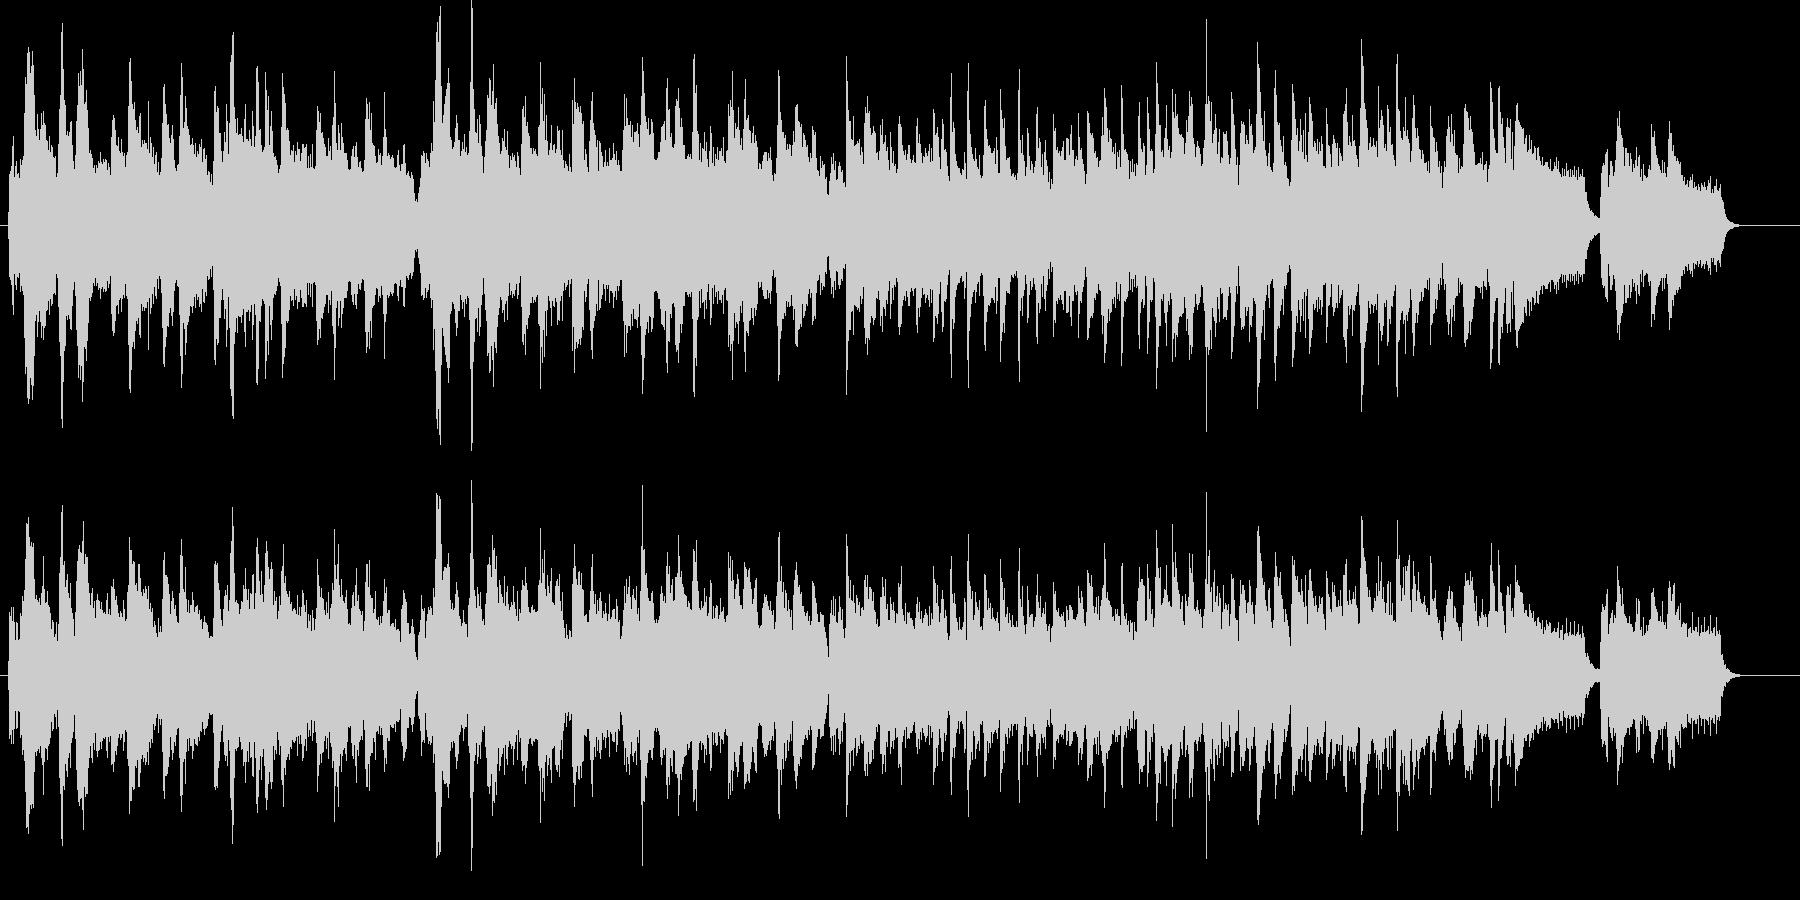 アメリカ国歌 アコーディオン カントリーの未再生の波形